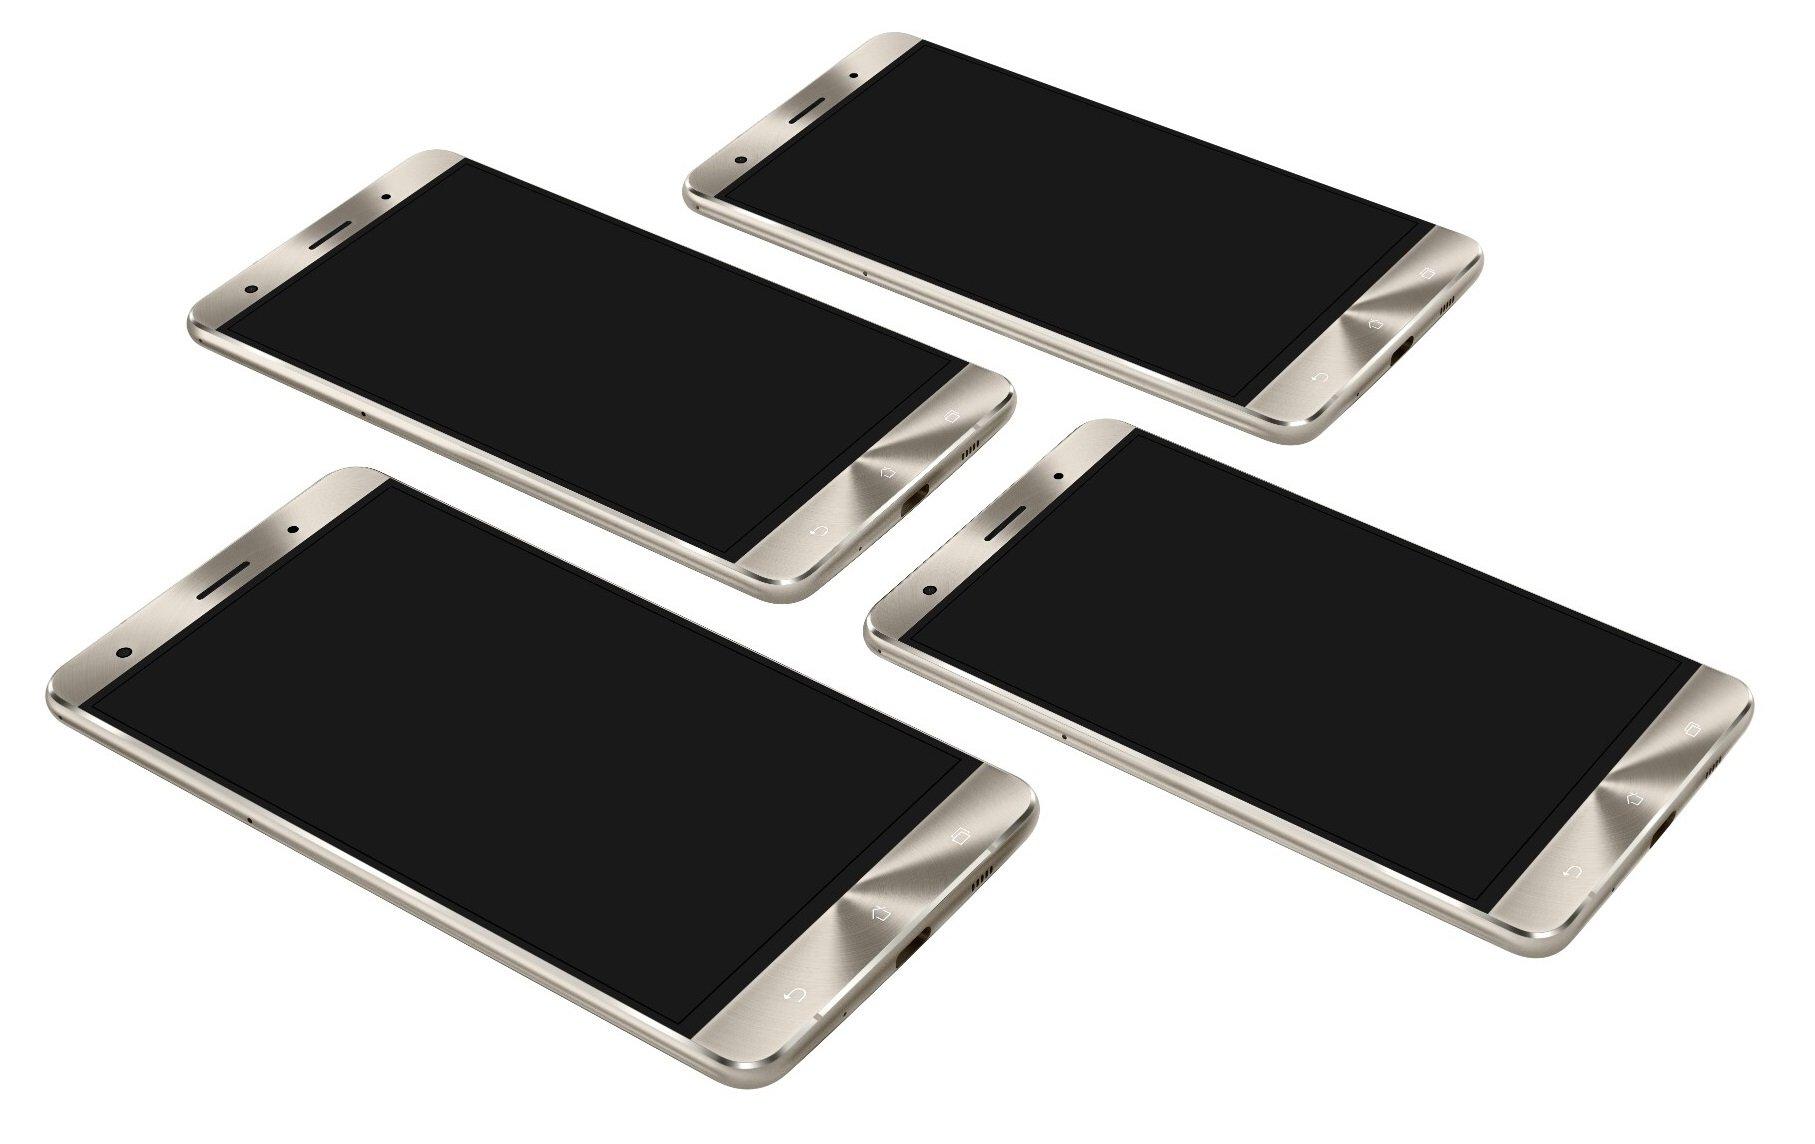 Asus ZenFone 3 Deluxe presentato ufficialmente